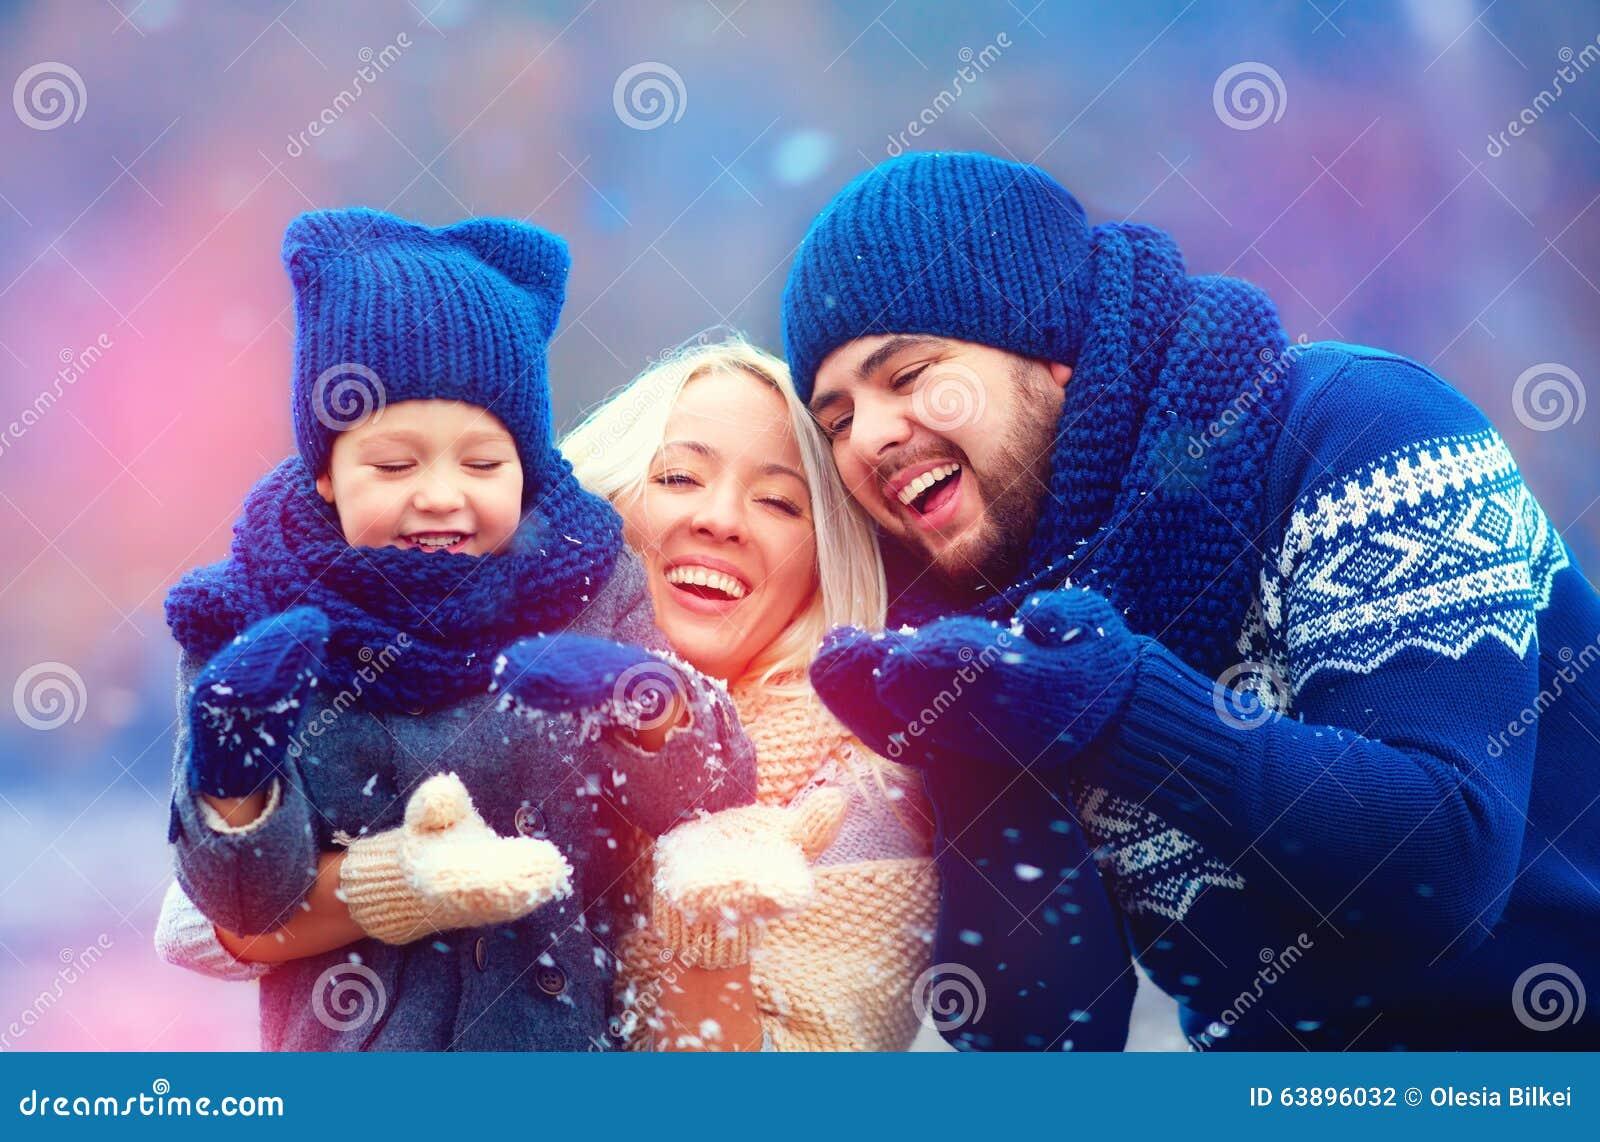 Retrato da neve de sopro do inverno da família feliz fora, época natalícia